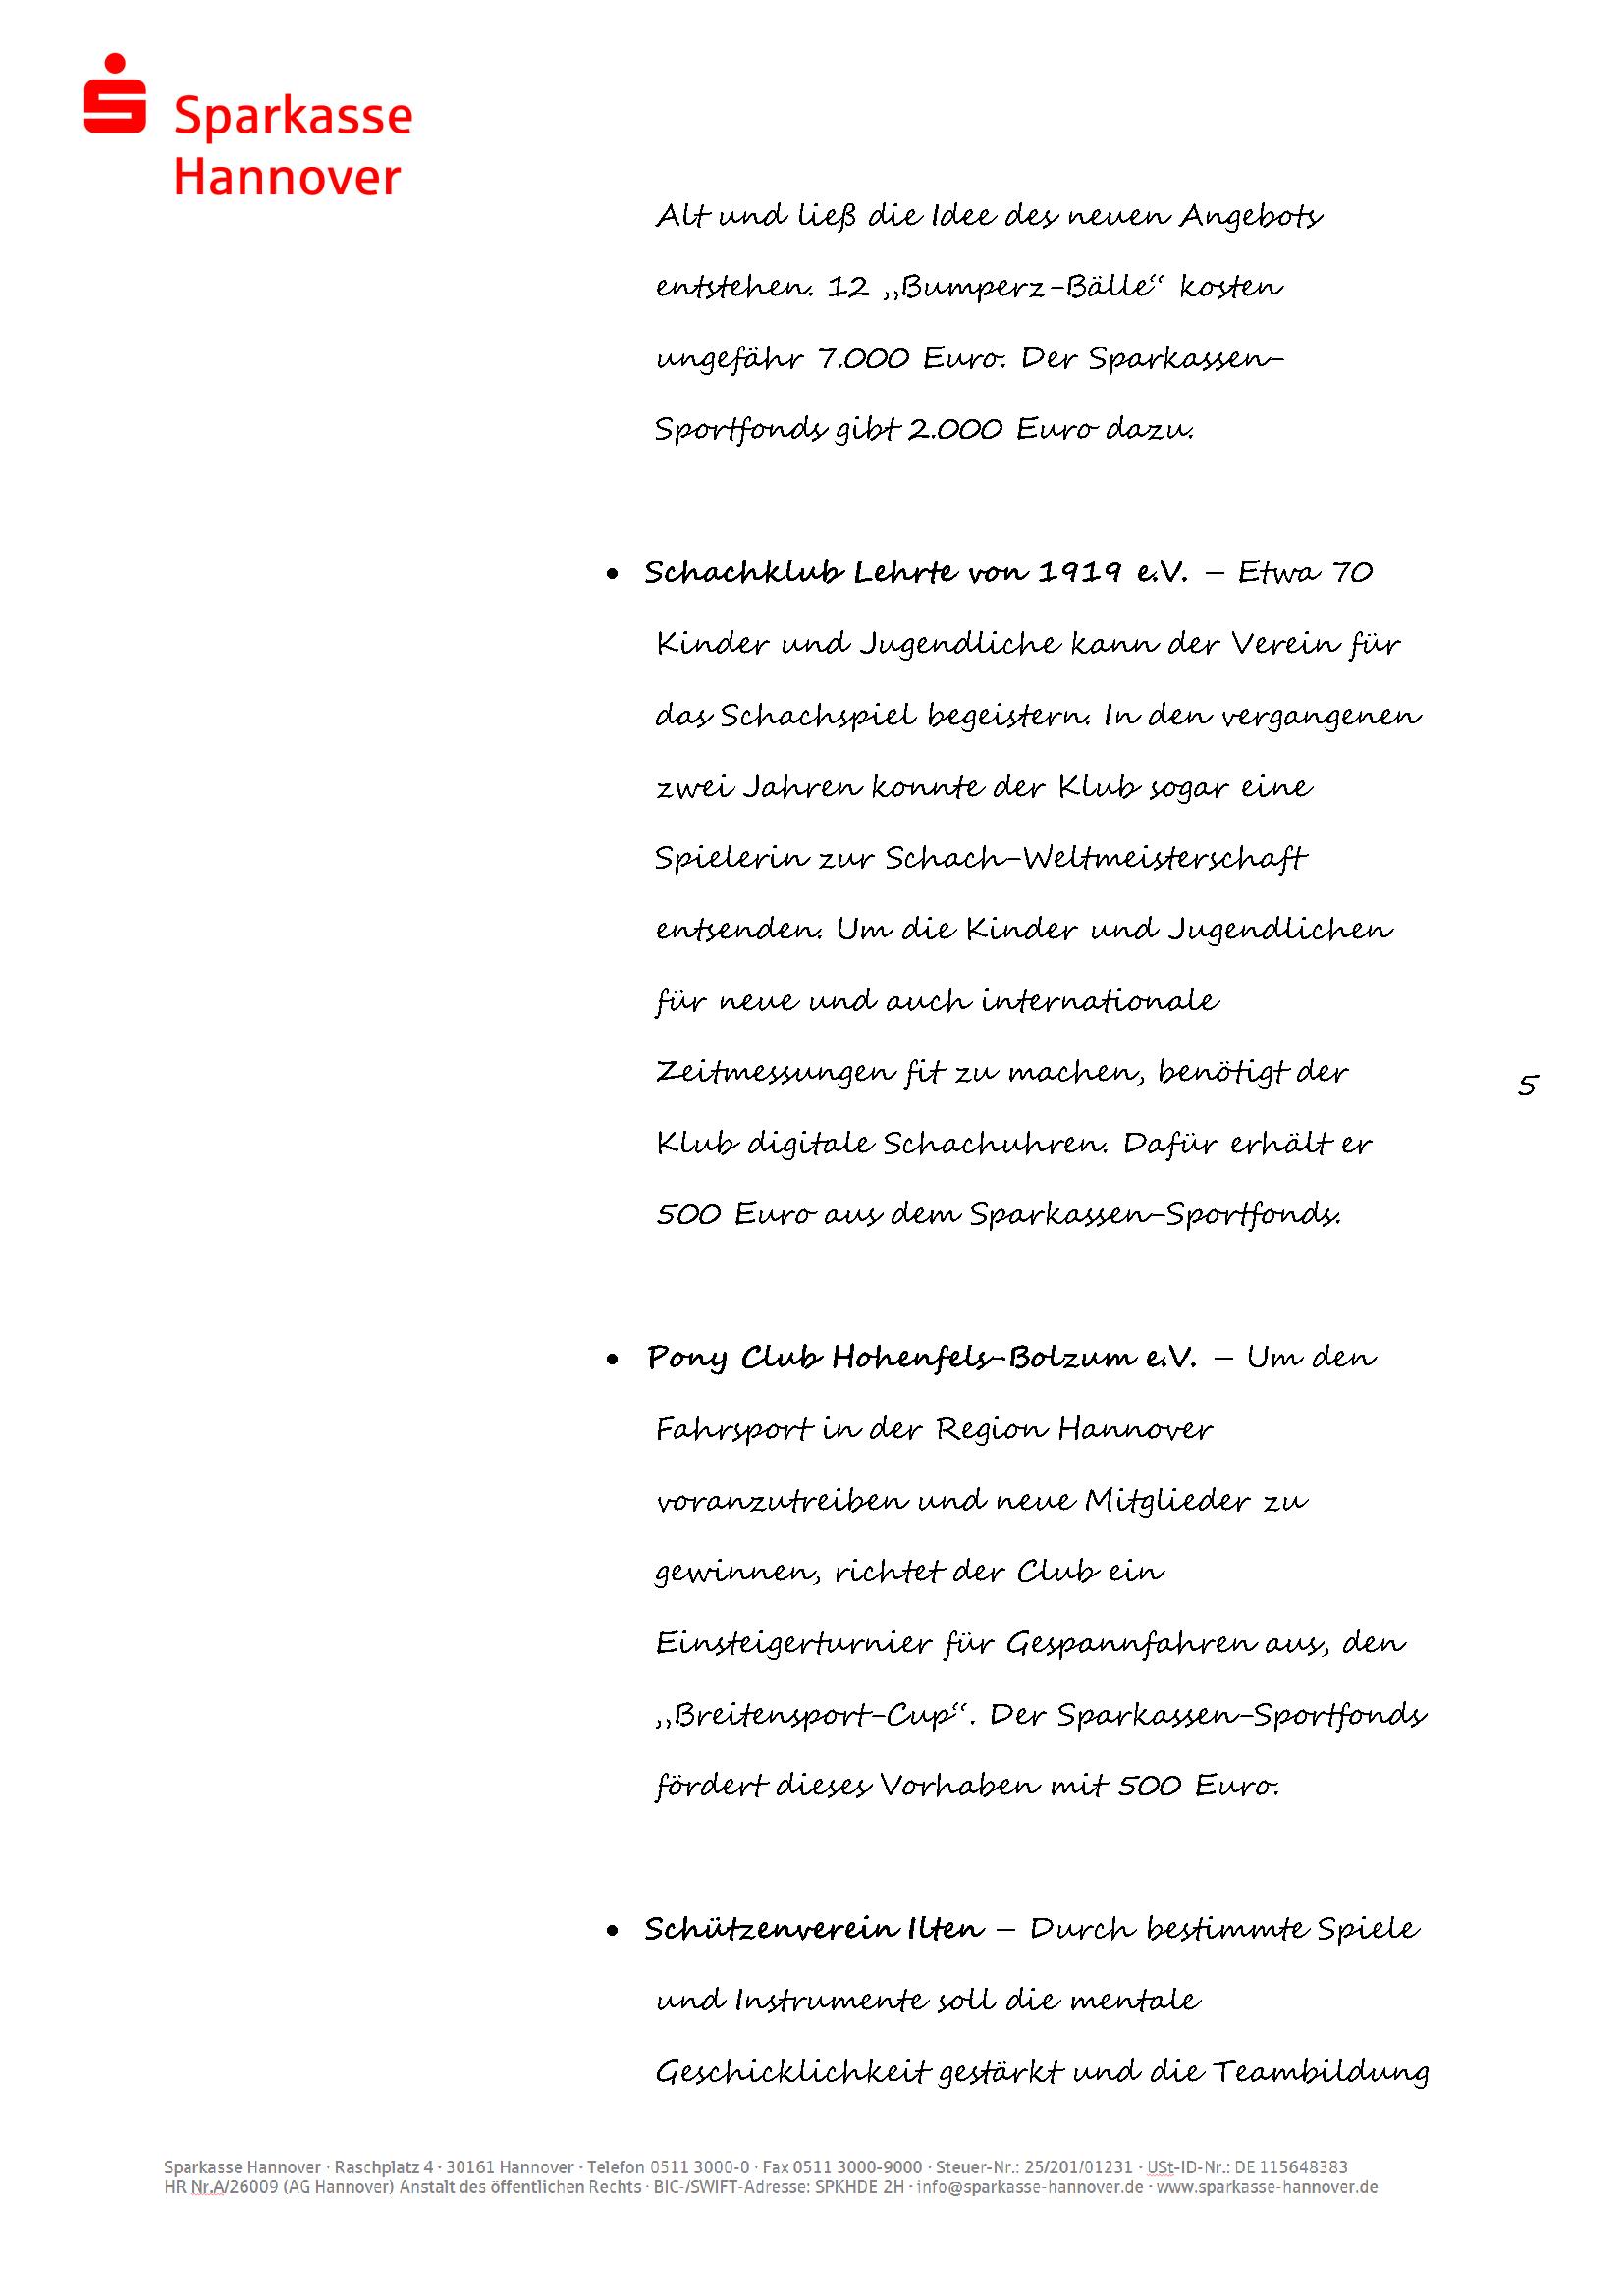 Pressemitteilung Sparkassensportfonds 26.05.2016_Seite_5